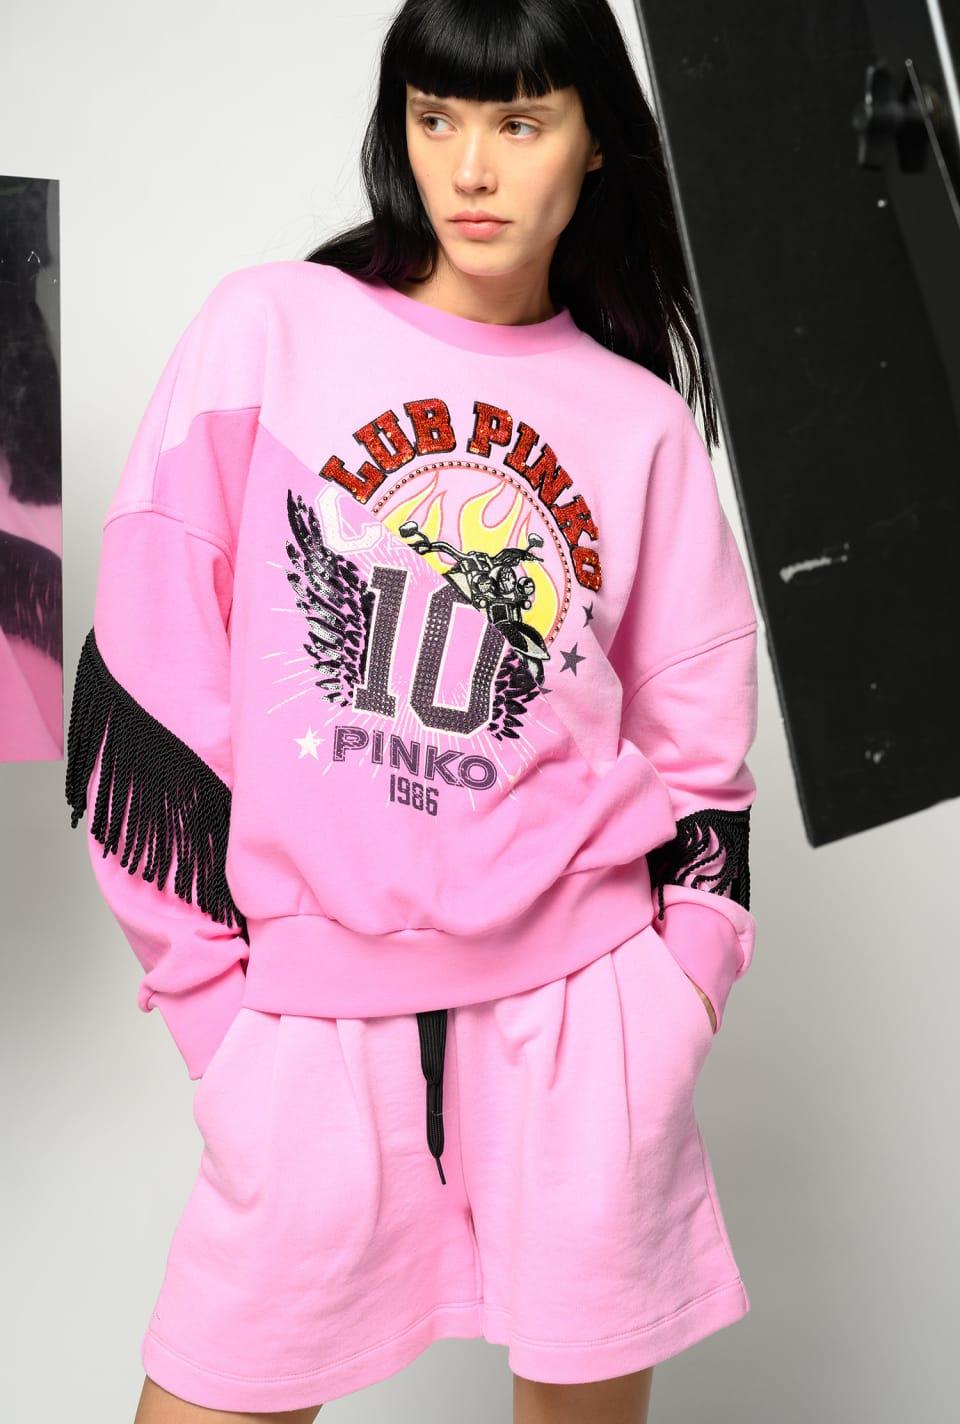 Club PINKO fringed sweatshirt - Pinko